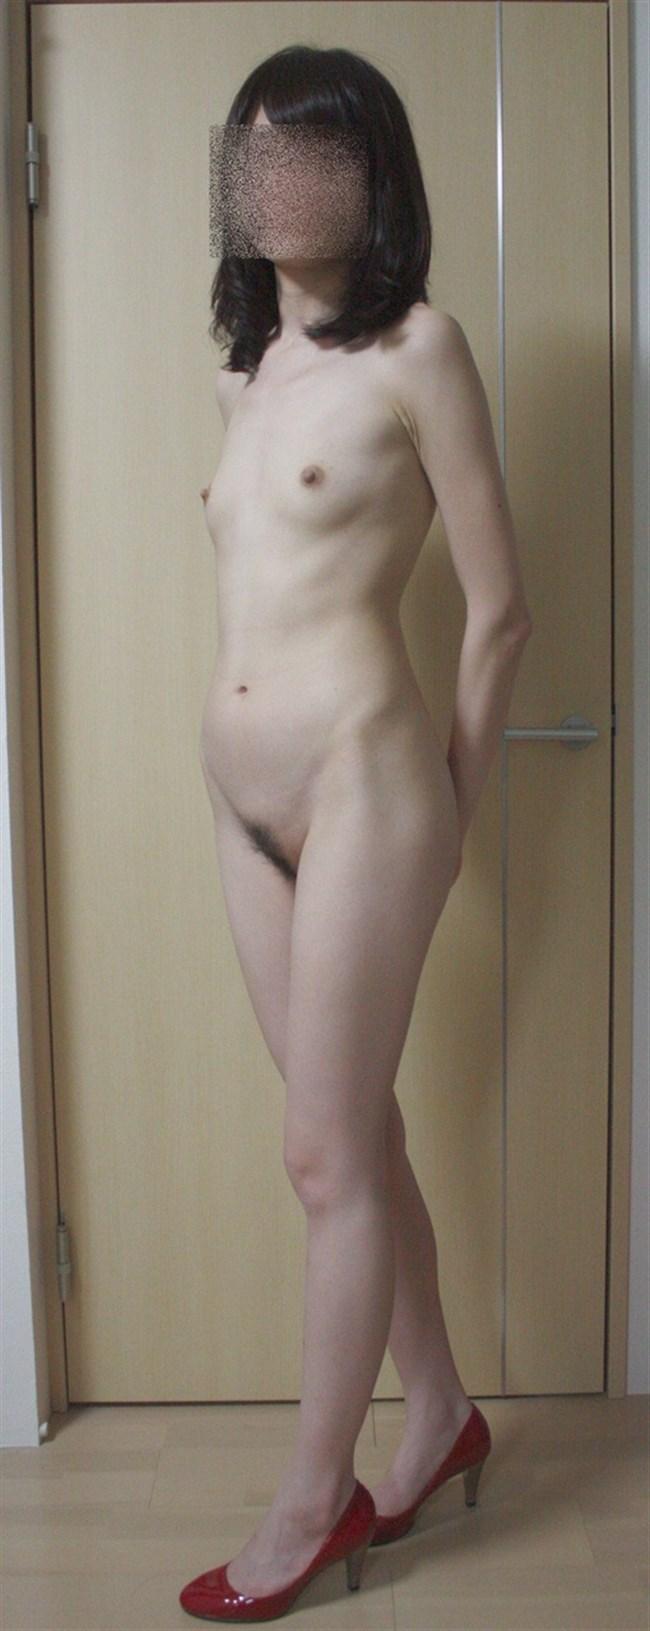 素っ裸にヒールやブーツ履いてるマニア好みのエロ画像がこちらwww0021shikogin